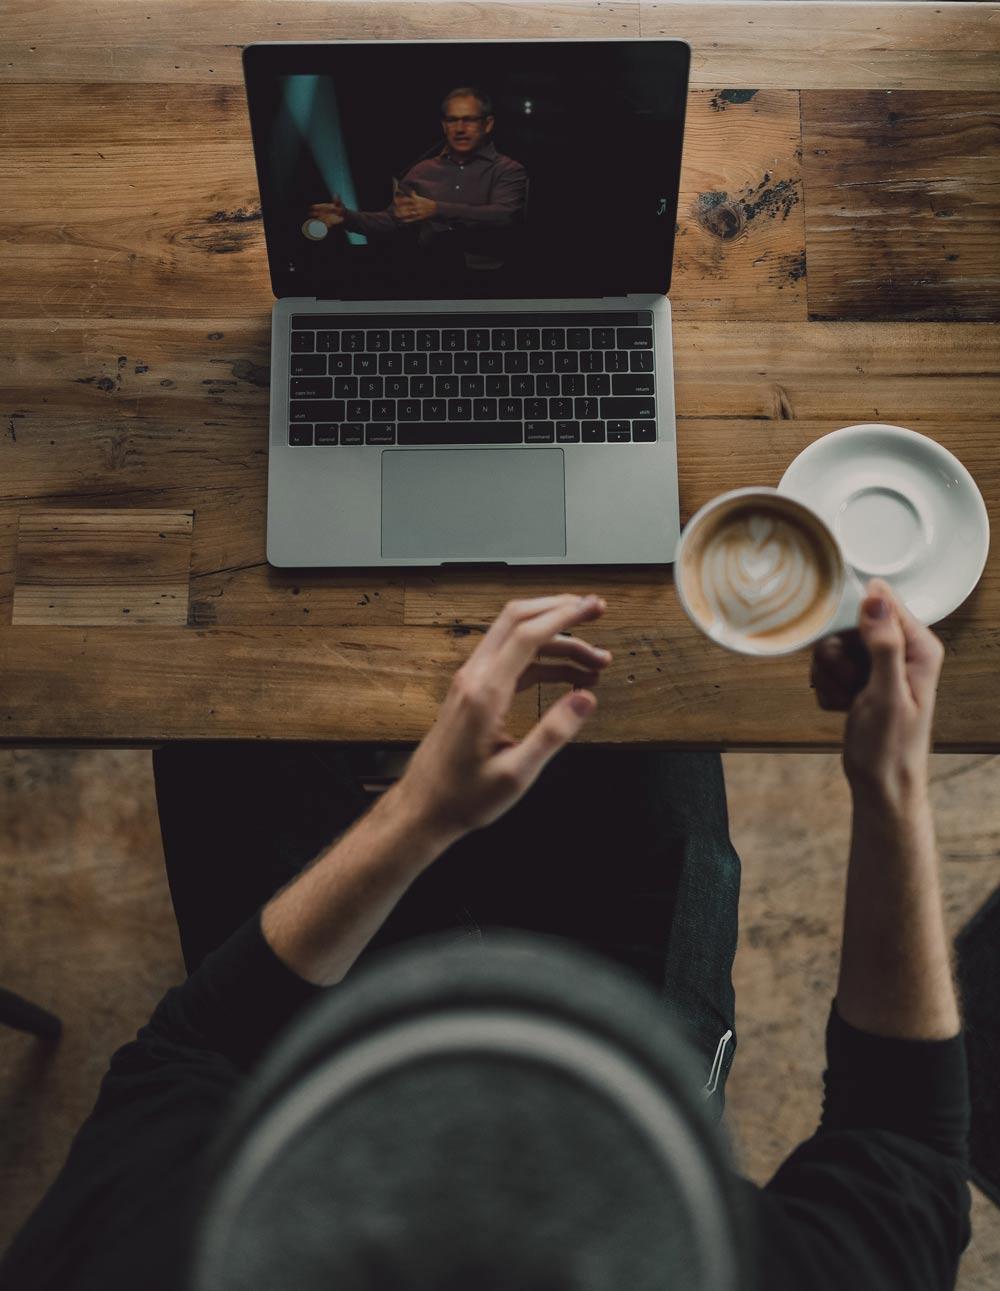 Tijd voor reflectie én ook blijven ontwikkelen (de online mogelijkheden)